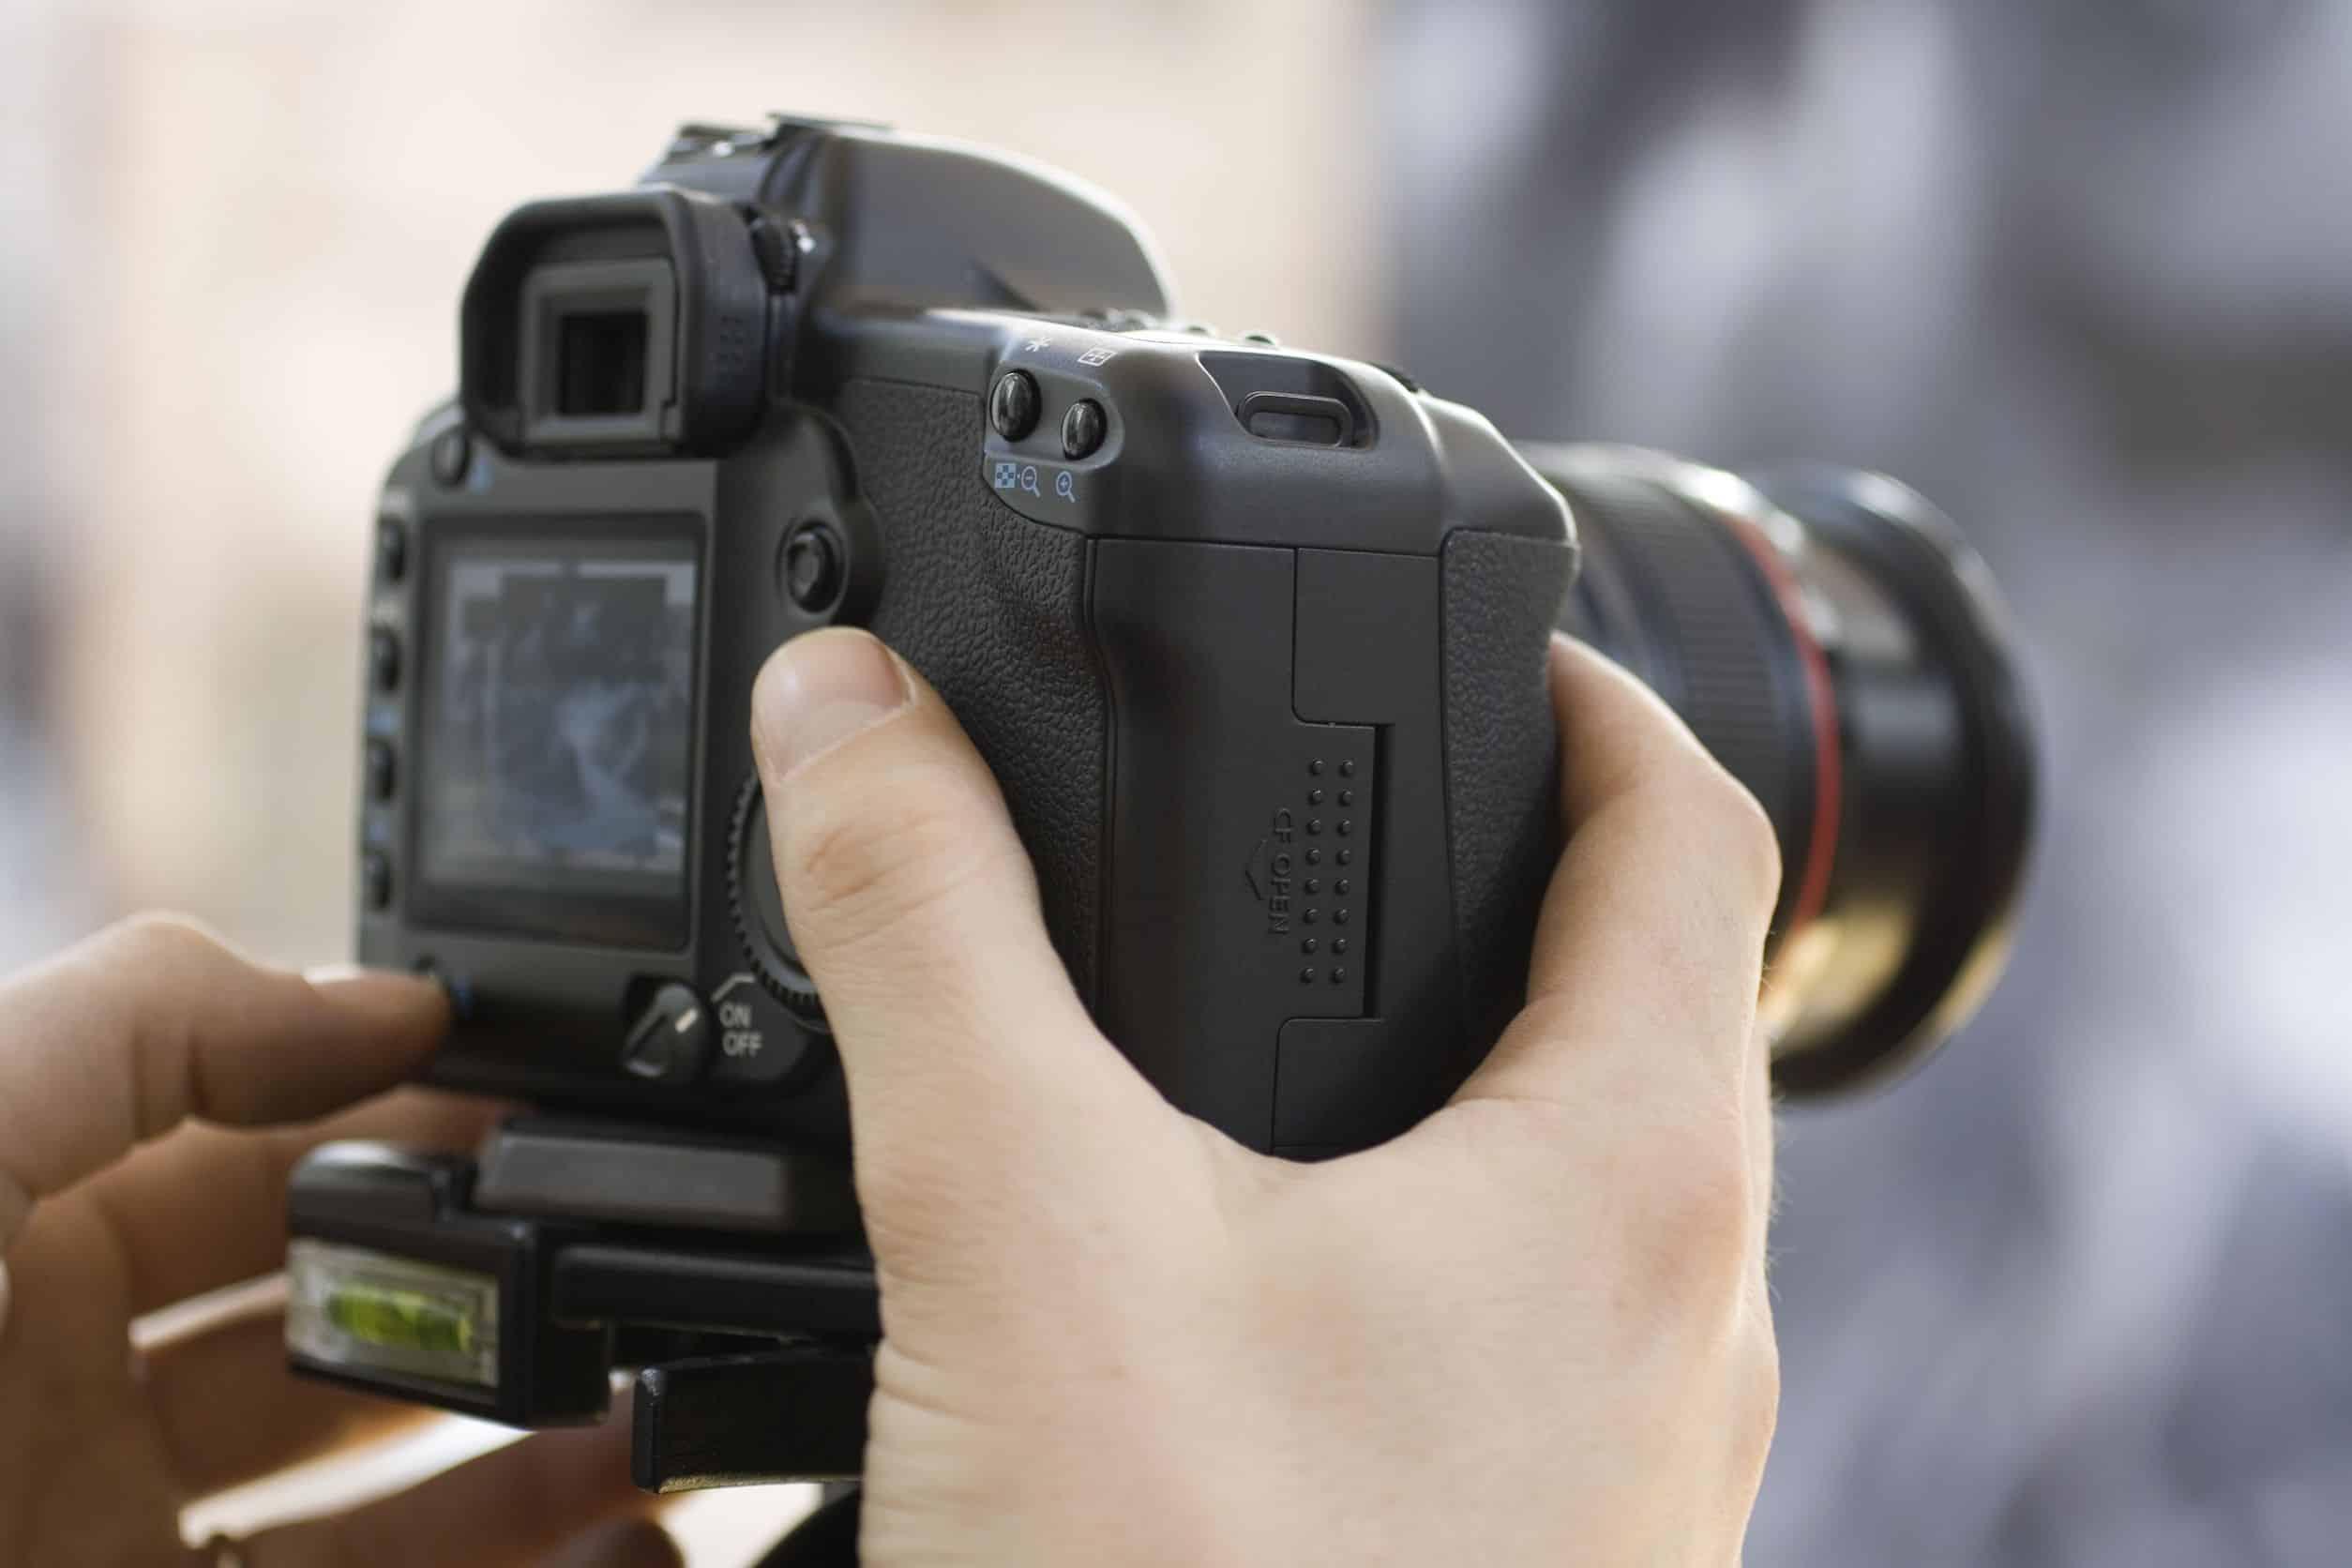 fotocamera full frame, sensore APS-c